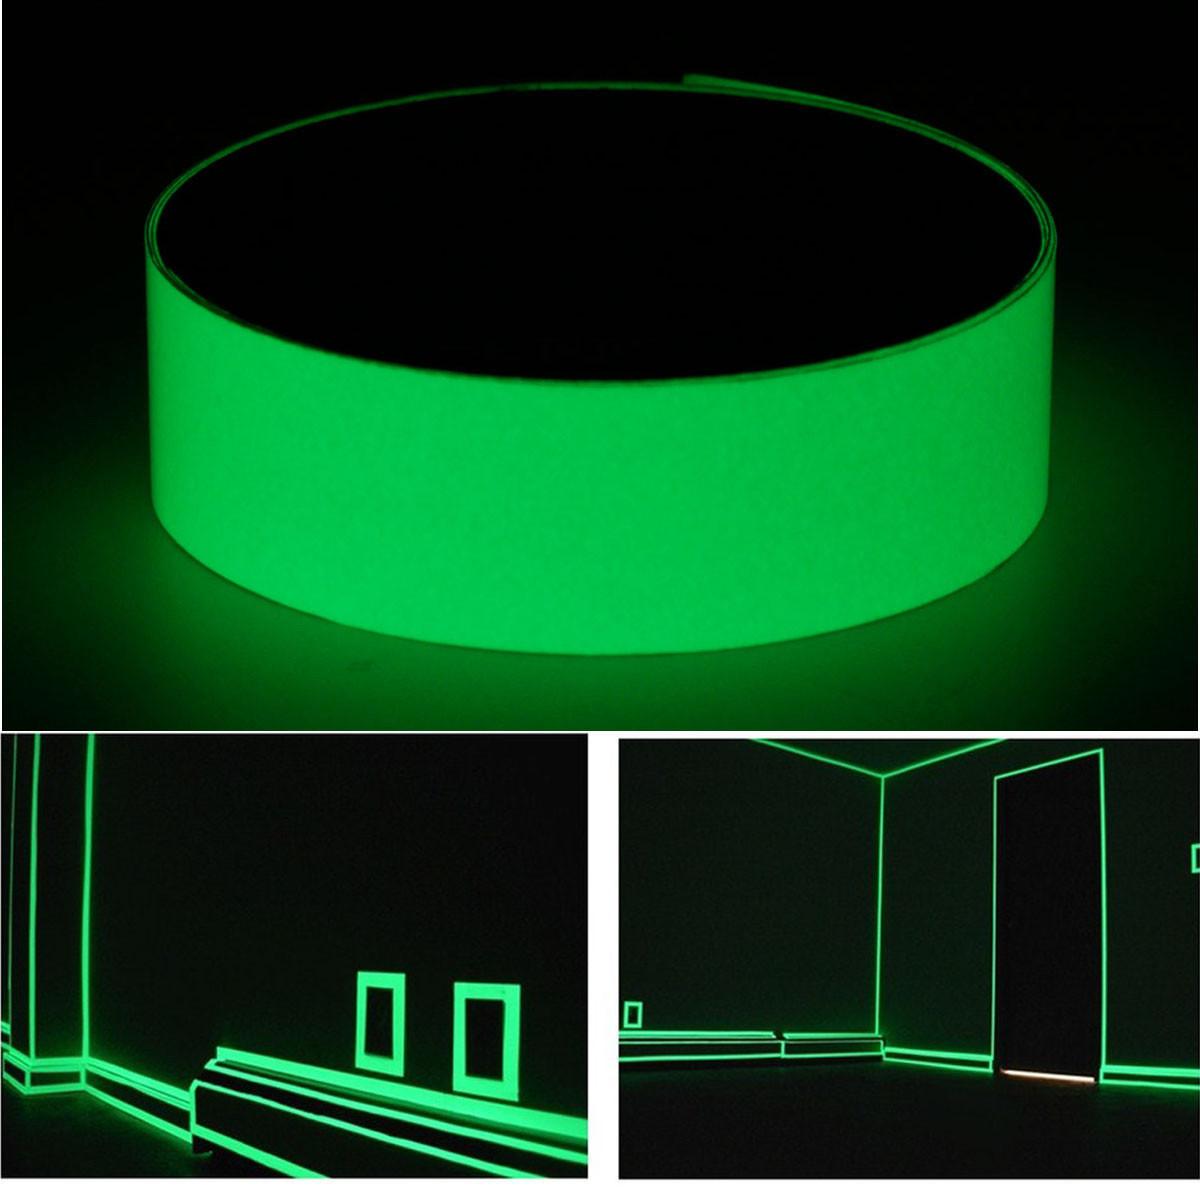 1MX25MM Световая лента самоклеящаяся Светящиеся в темноте безопасности Stage Home Decor - ➊TopShop ➠ Товары из Китая с бесплатной доставкой в Украину! в Днепре